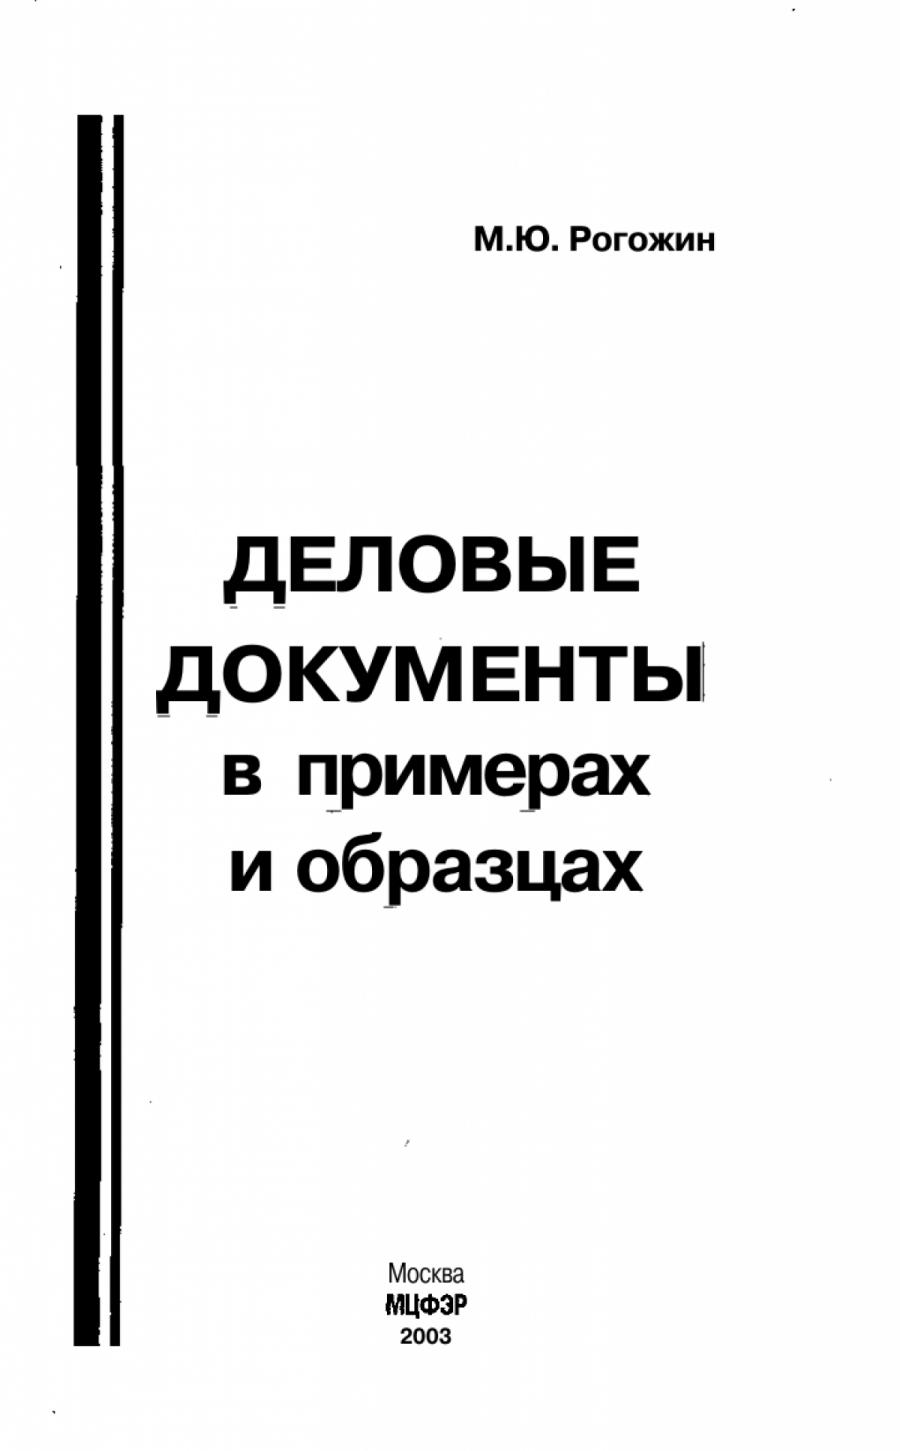 Обложка книги:  м. ю. рогожин - деловые документы в примерах и образцах